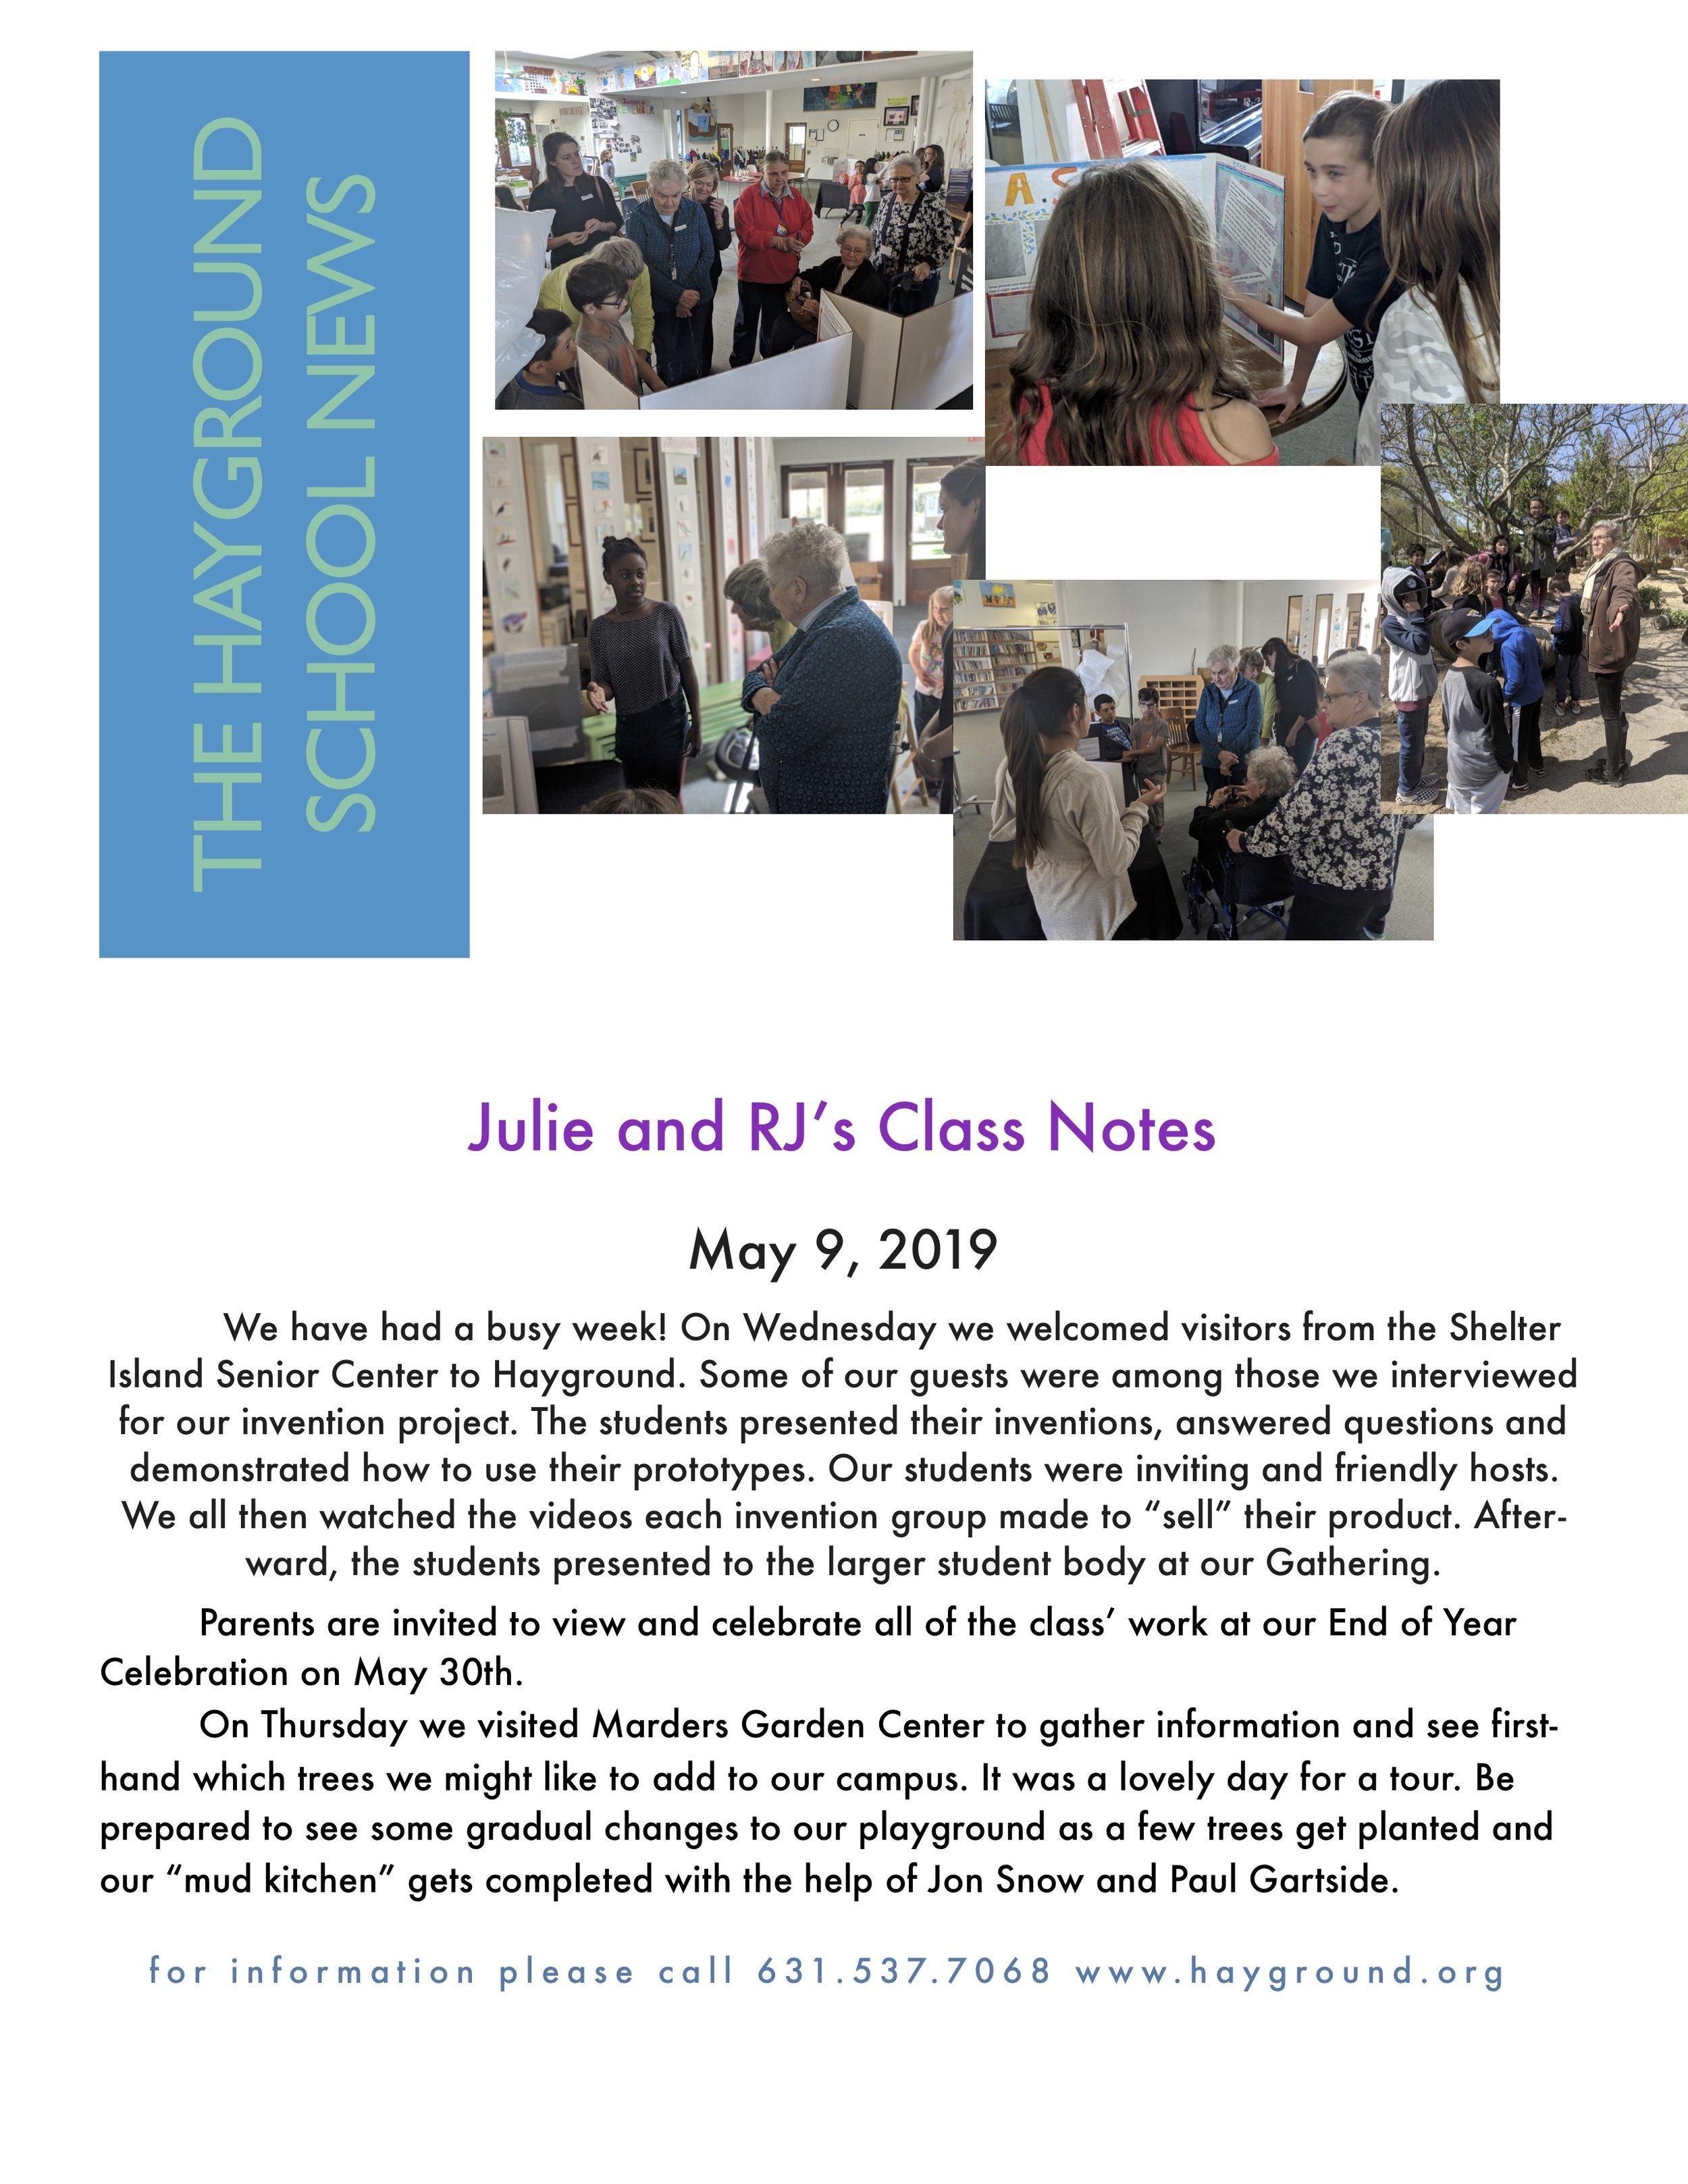 May 9, 2019 notes pdf.jpg